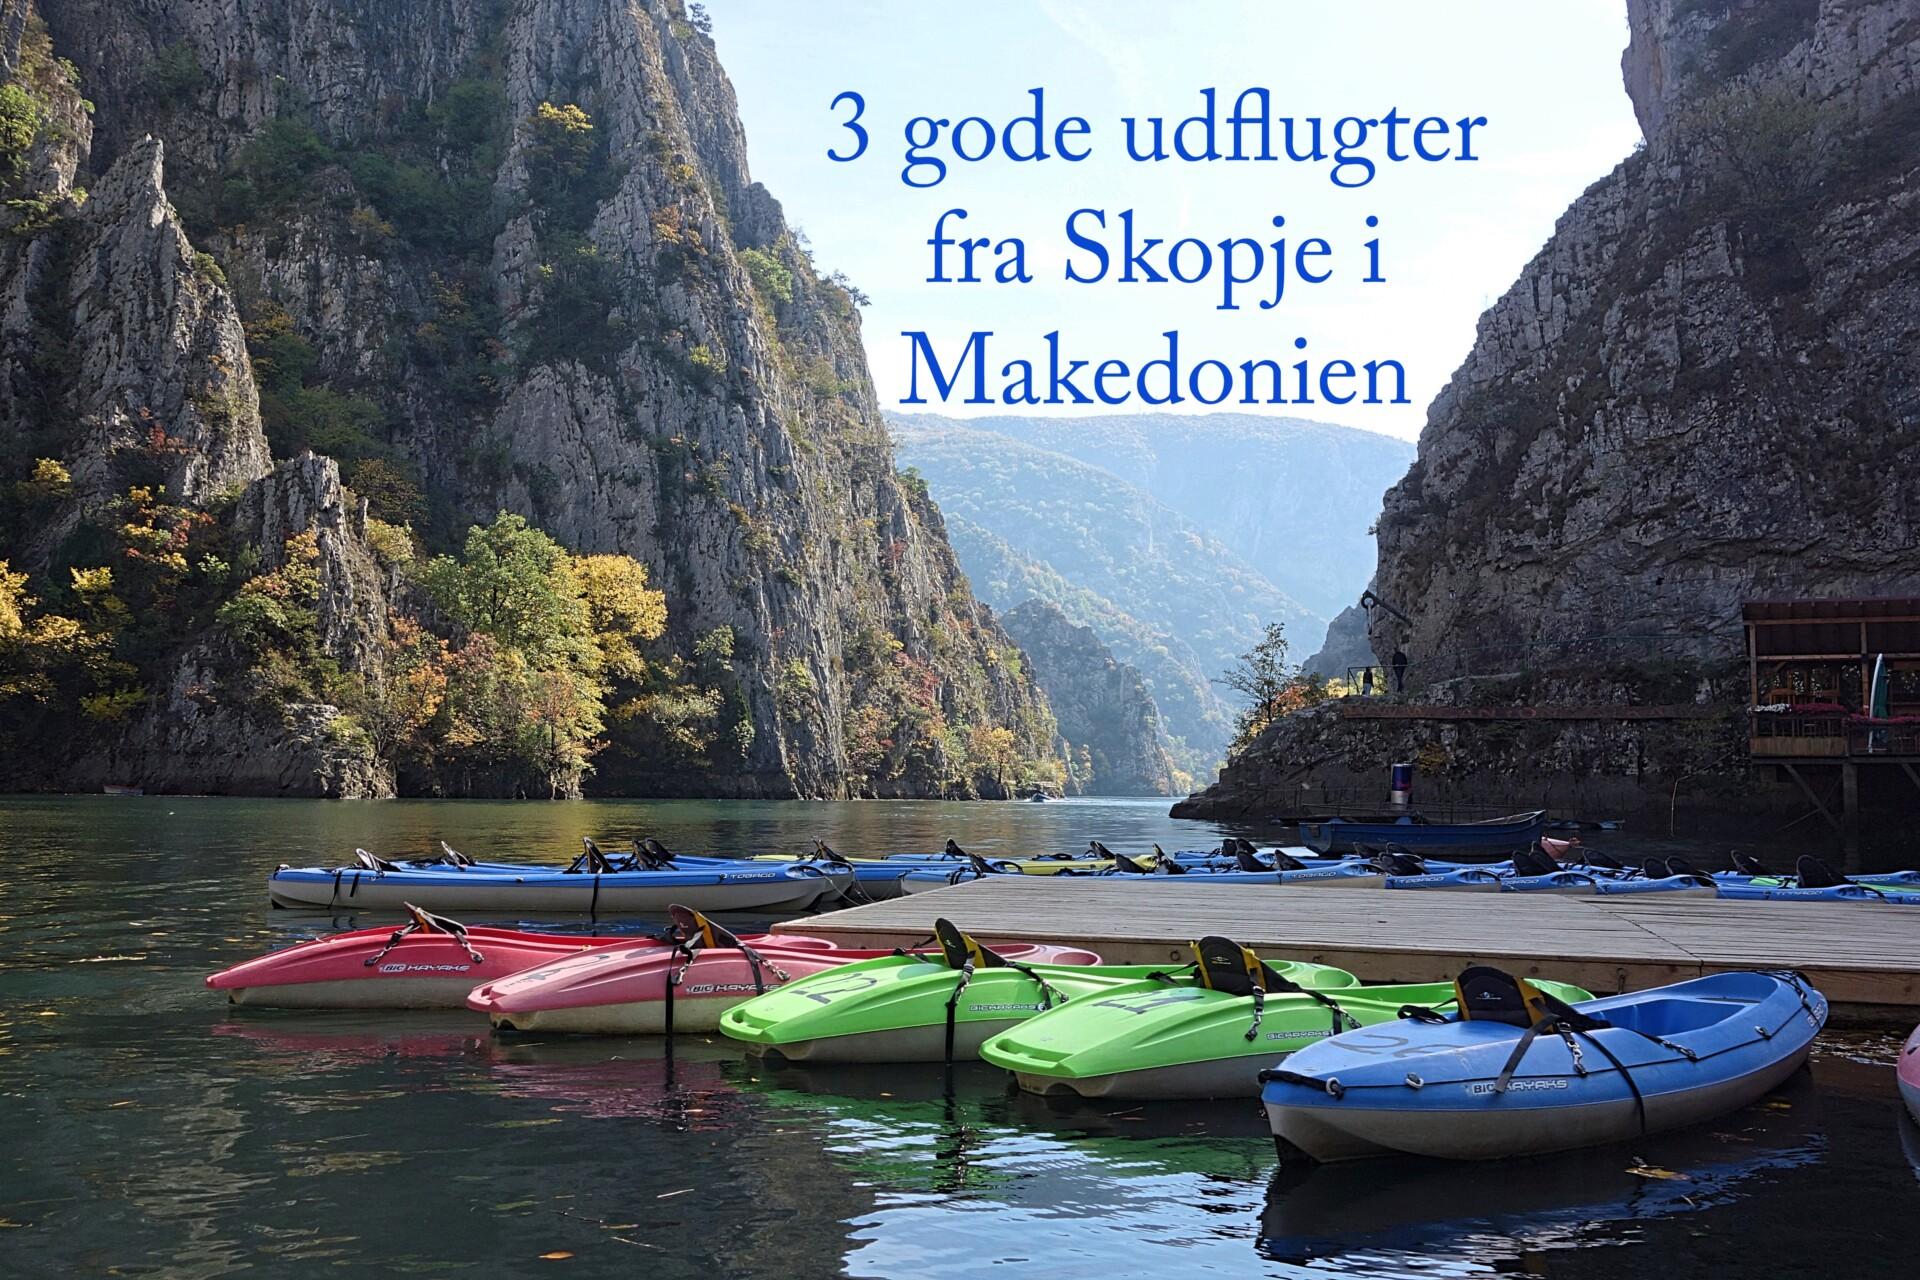 Rejseguide: 3 gode udflugter fra Skopje i Makedonien